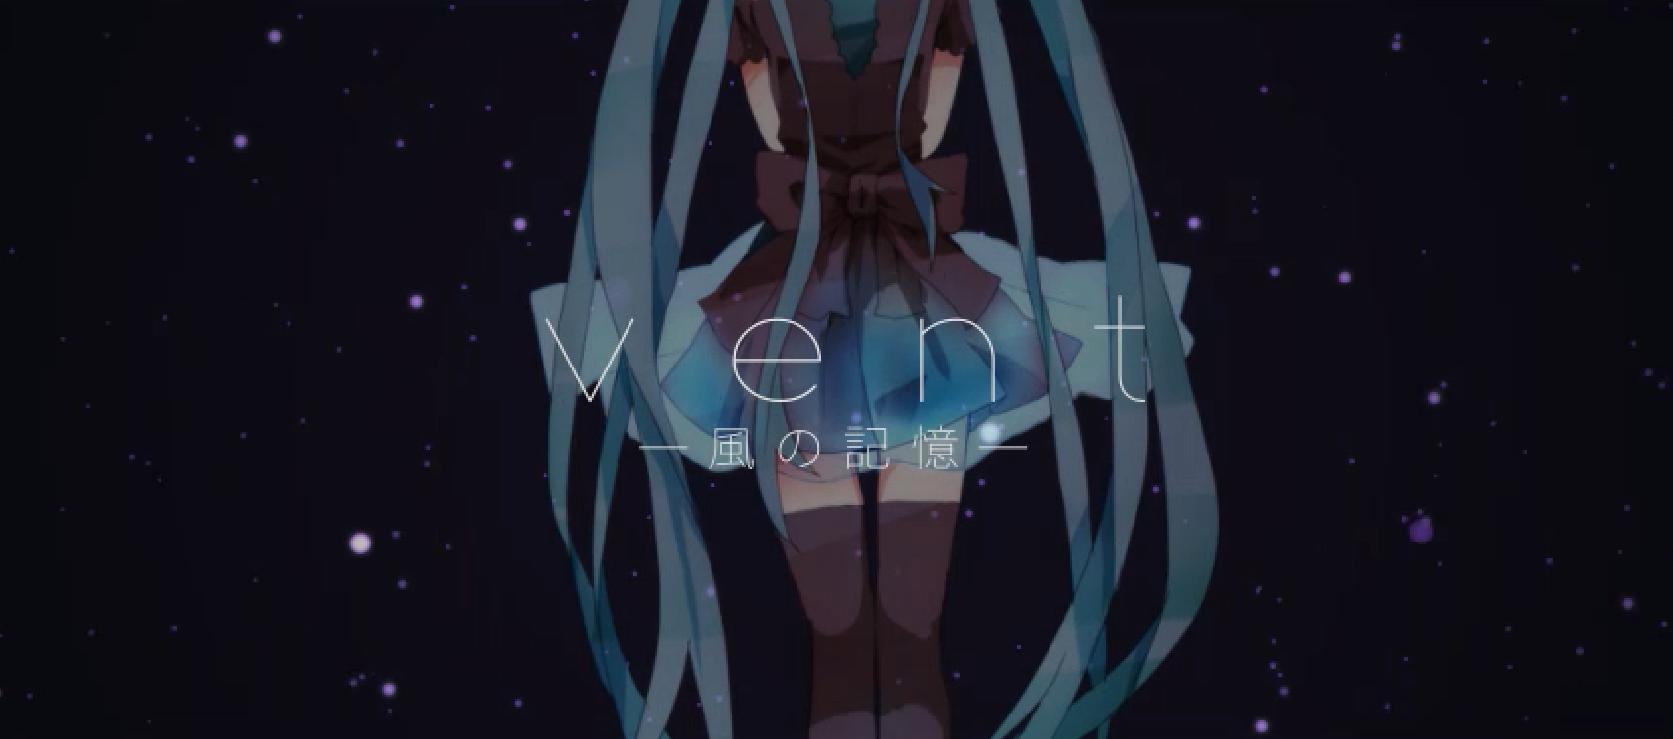 Vent-風の記憶- (vent -Kaze no Kioku-)